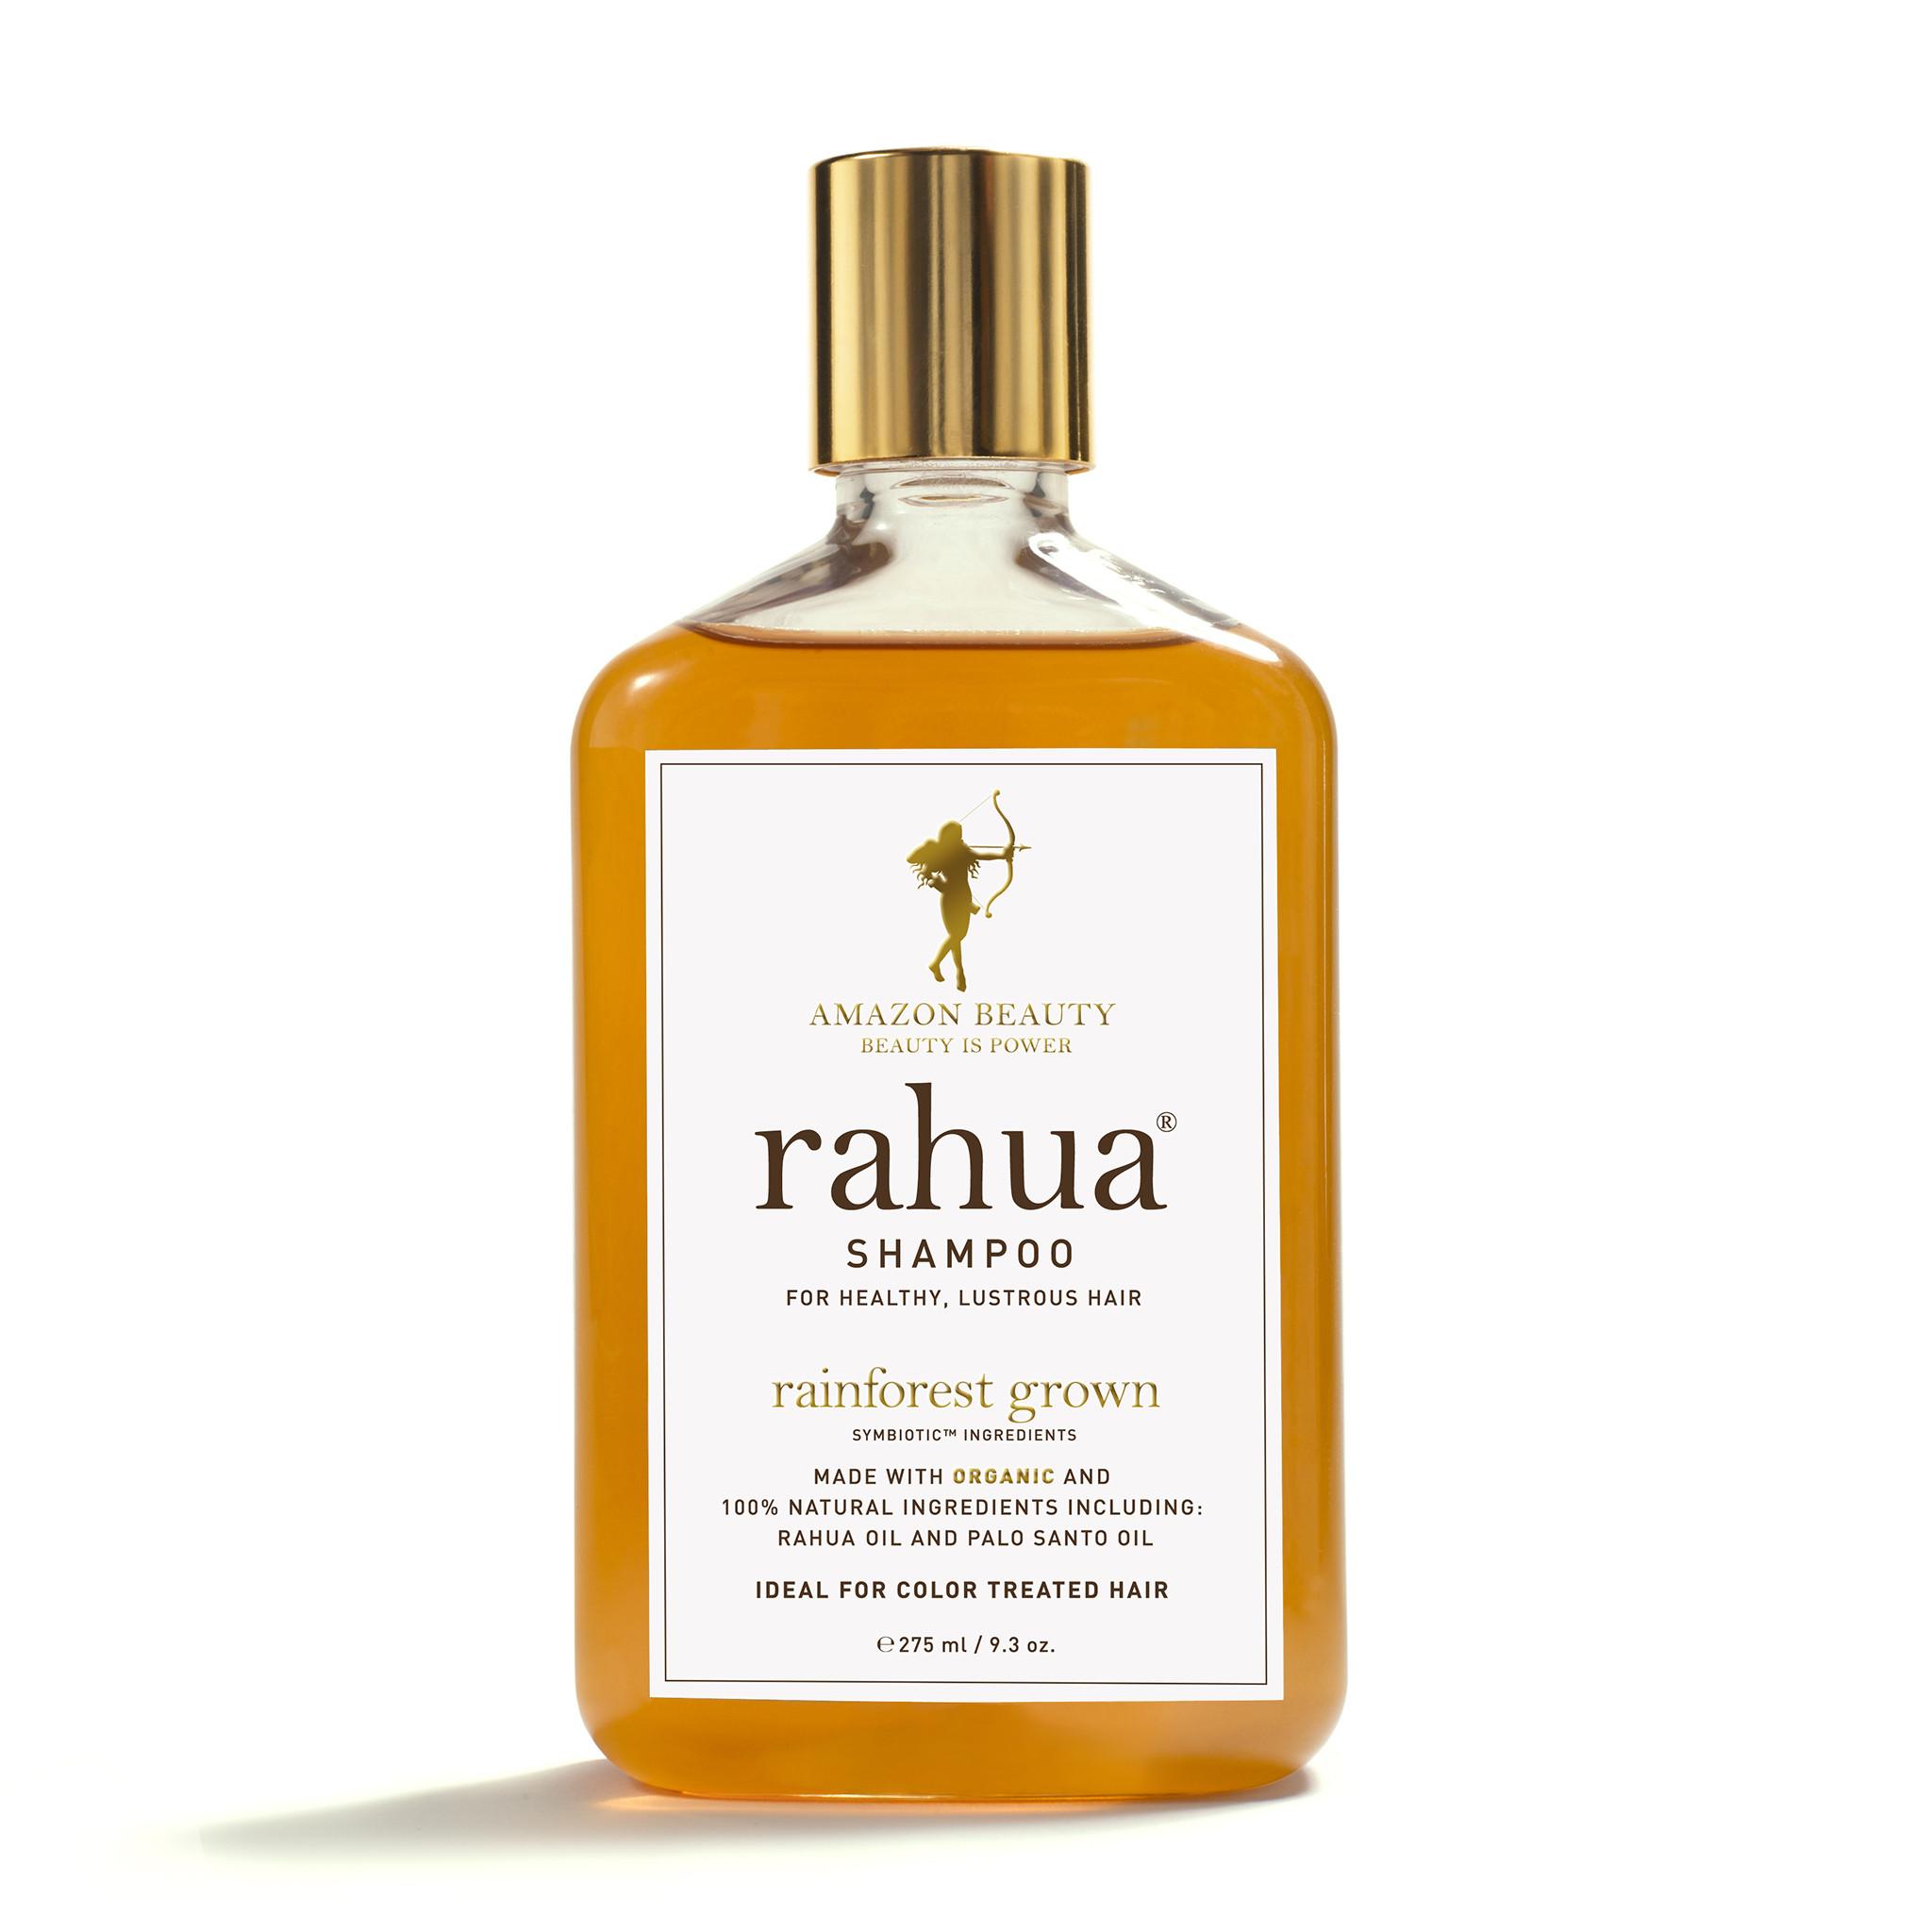 RAHU_shampoo.jpg